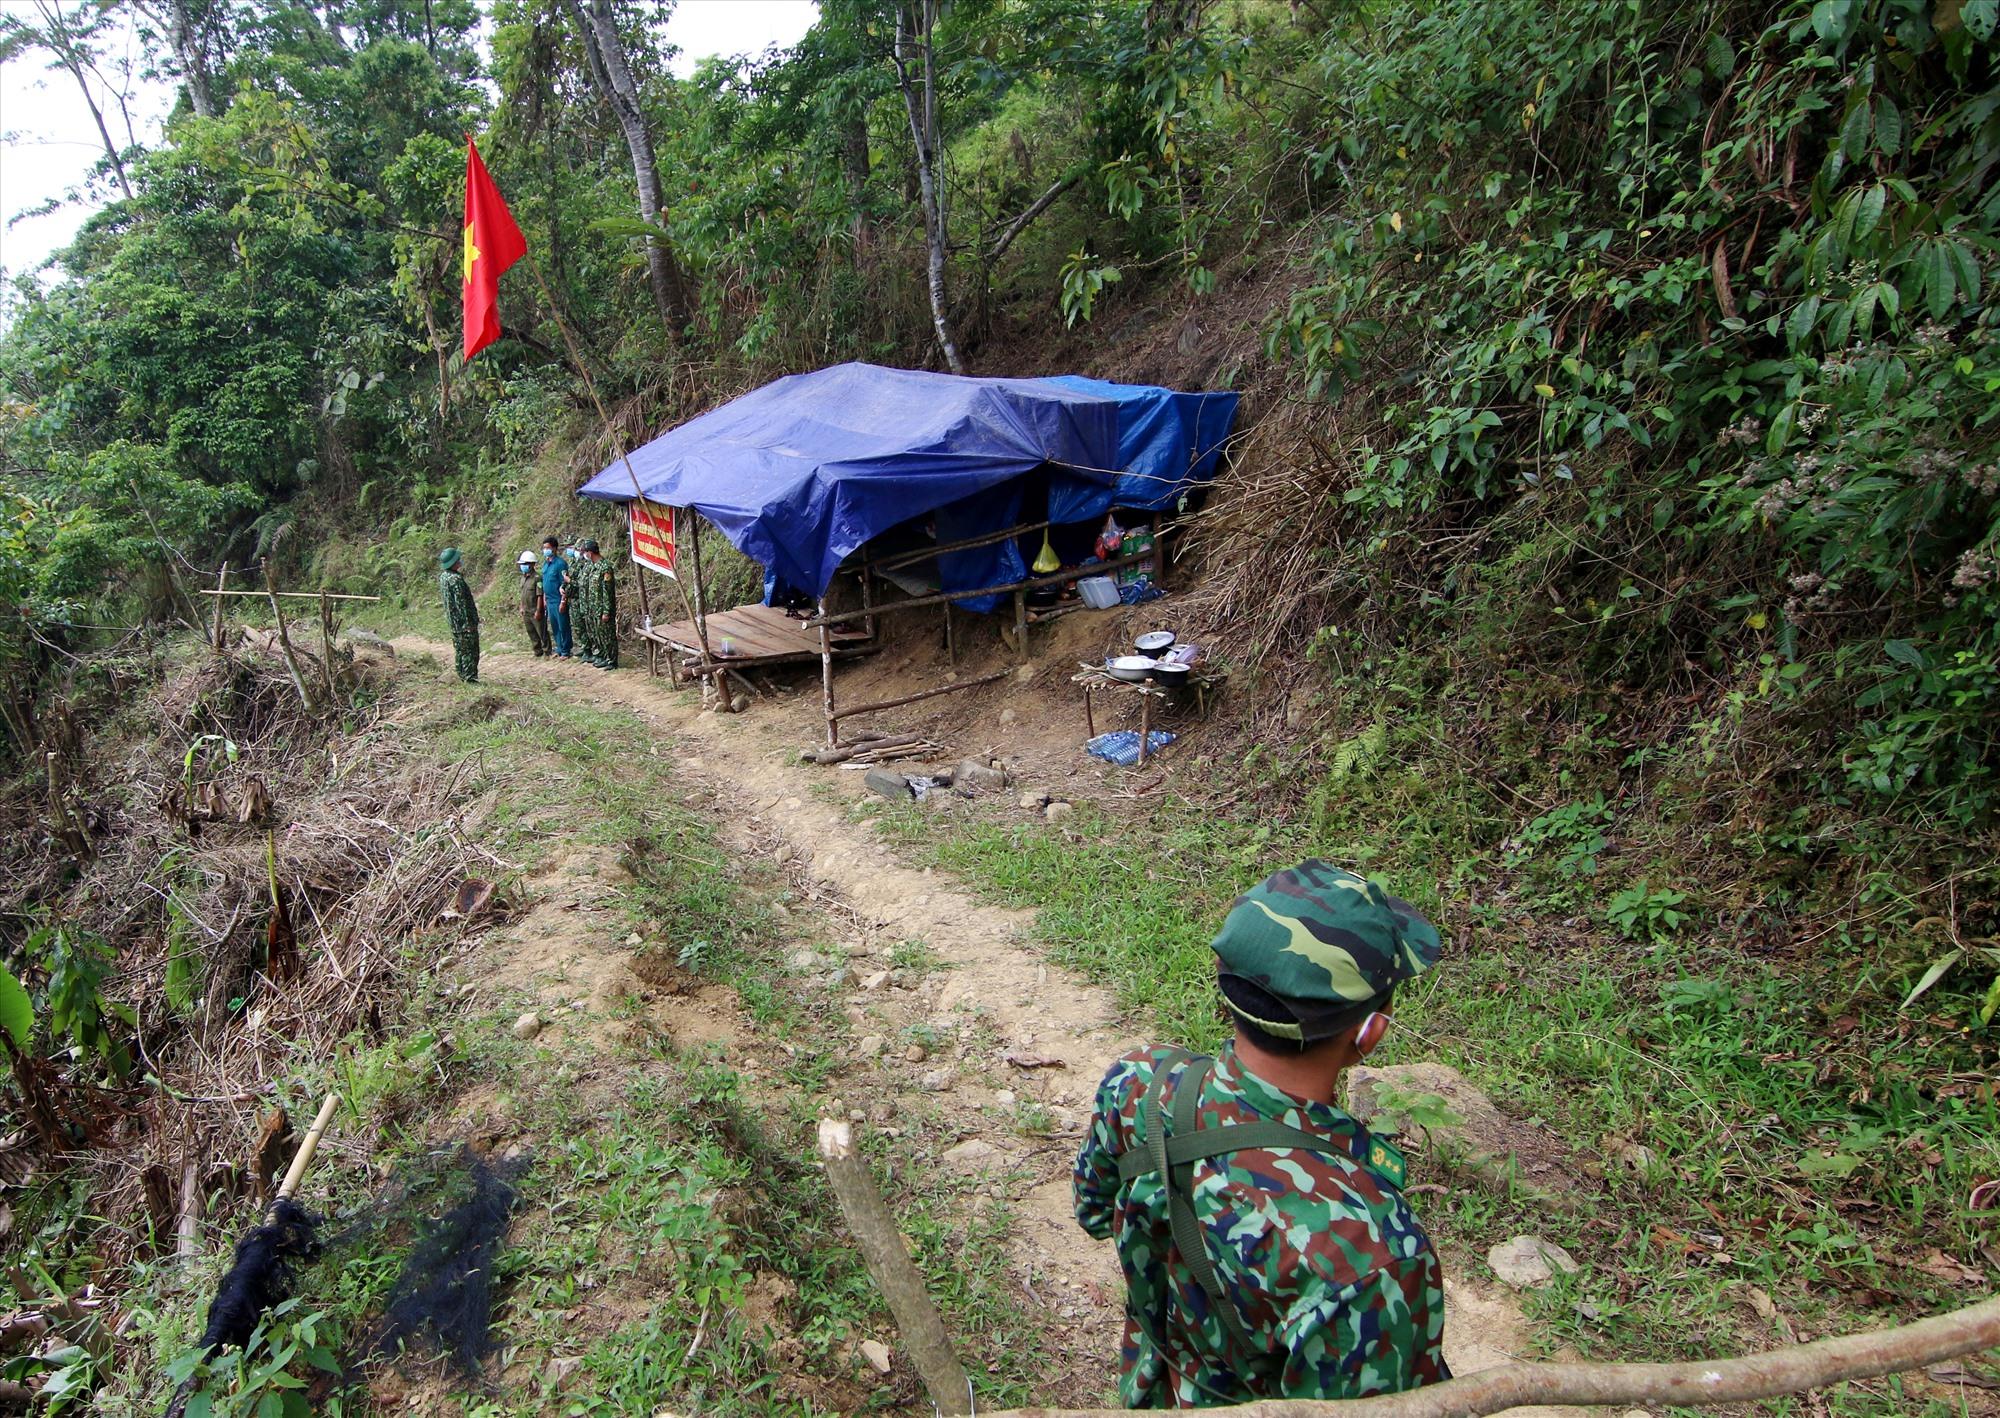 Chiến sĩ biên phòng cùng lực lượng dân quân địa phương luôn sẵn sàng bước đường tuần tra, vì sau lưng họ là bình yên của Tổ quốc.